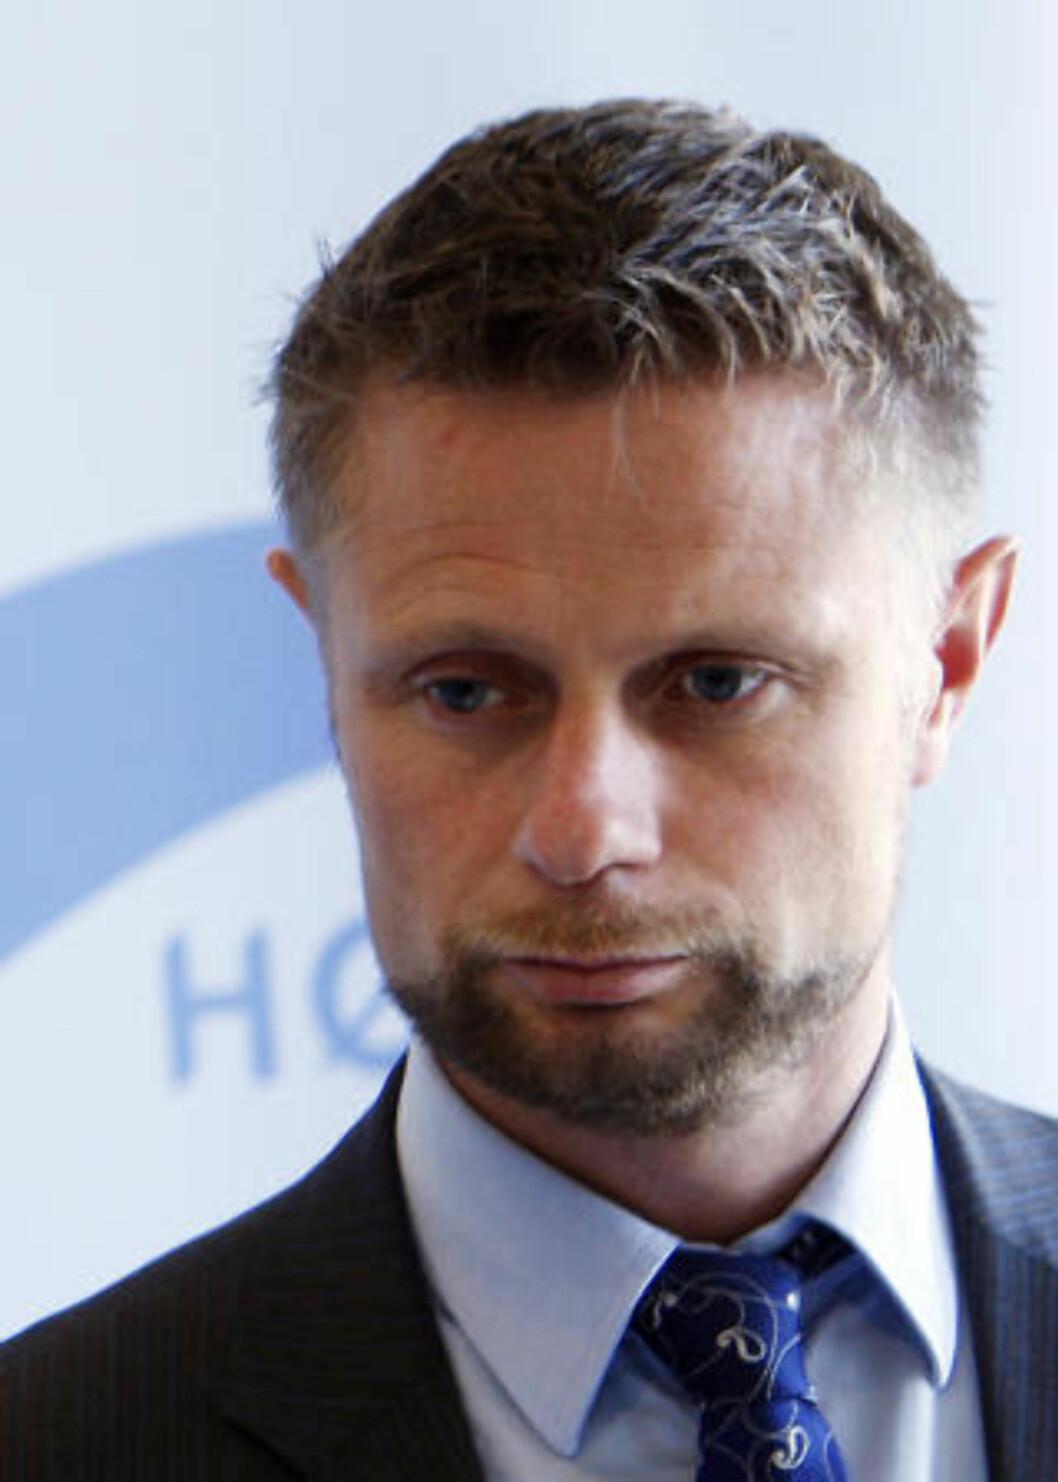 FORSVARER EGEN POLITIKK: Stortingsrepresentant Bent Høie.  Foto: Morten Holm / SCANPIX